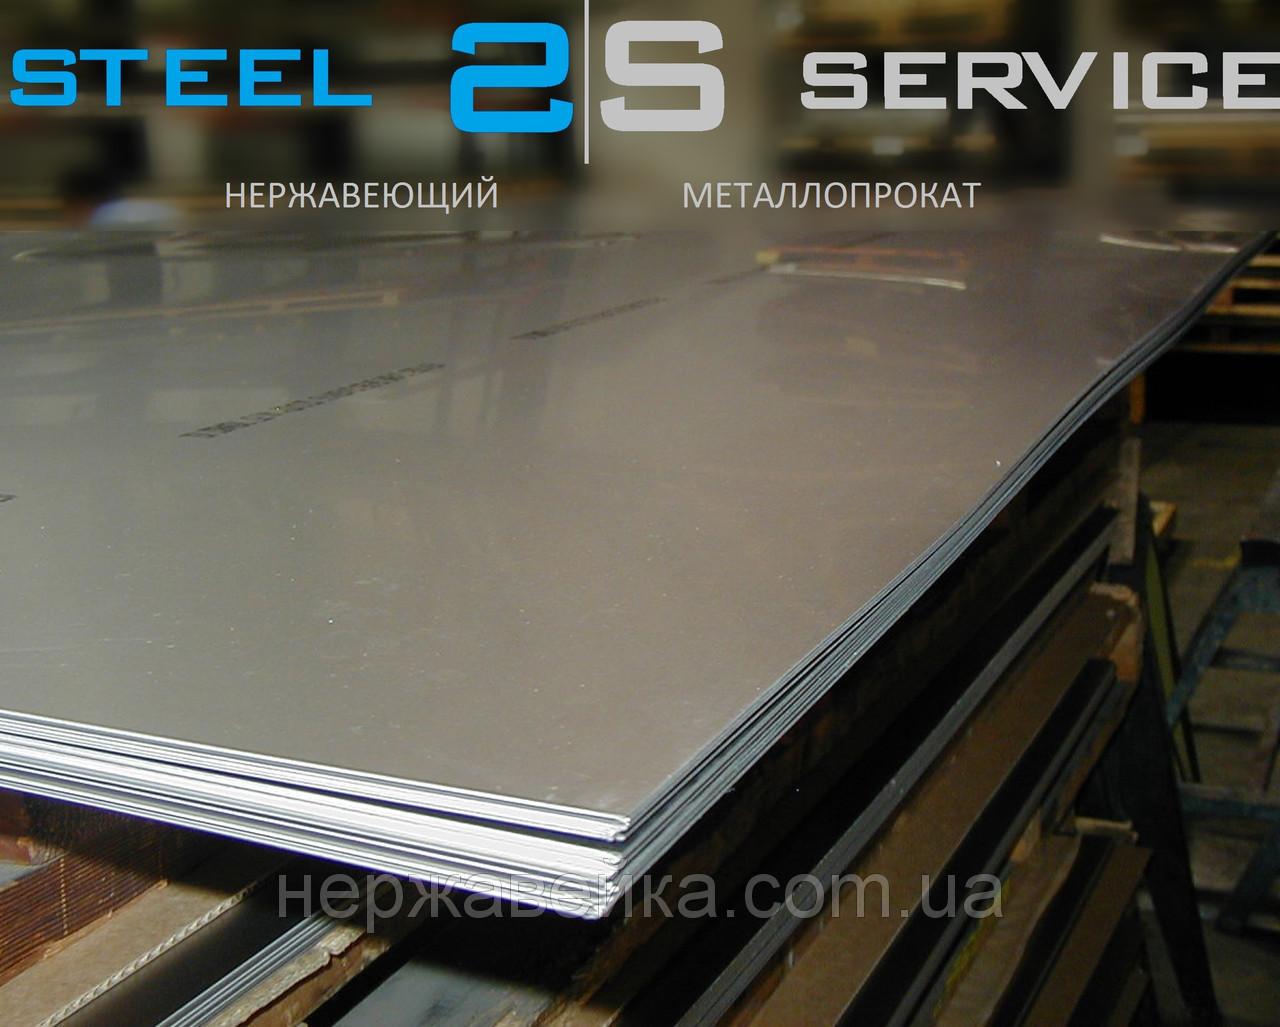 Нержавеющий лист 10х1500х6000мм  AISI 304(08Х18Н10) F1 - горячекатанный,  пищевой